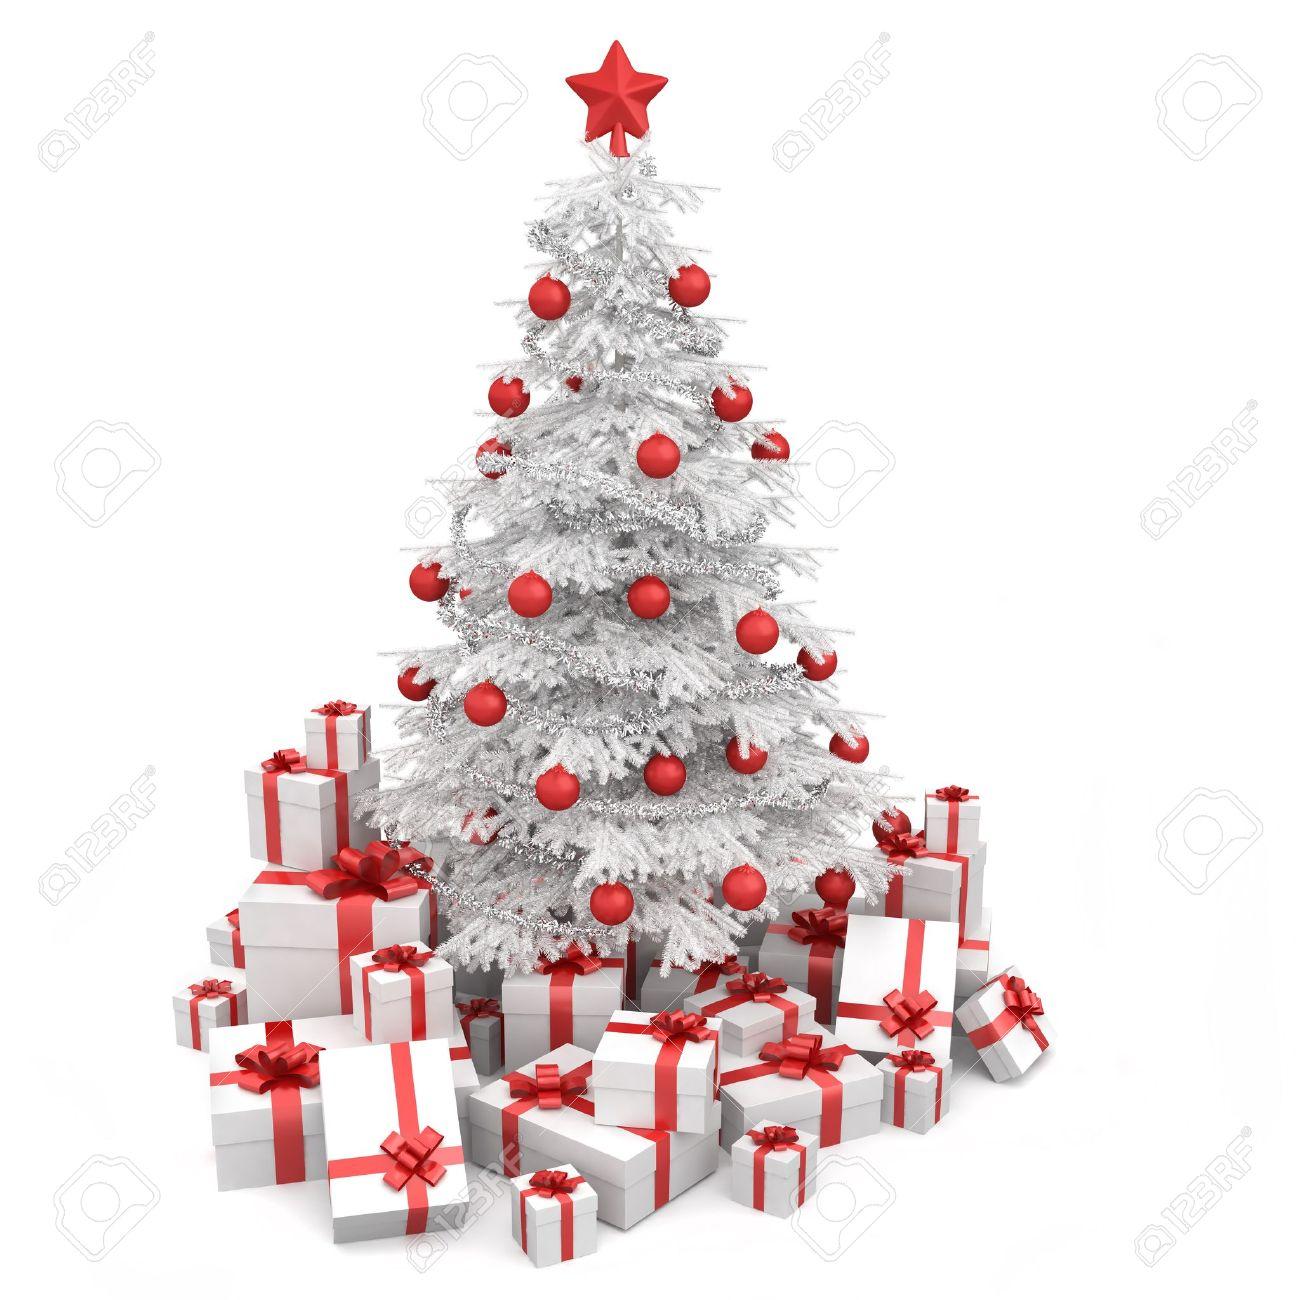 blanco y rojo rbol de navidad decorado con muchos regalos y aislados en blanco foto de